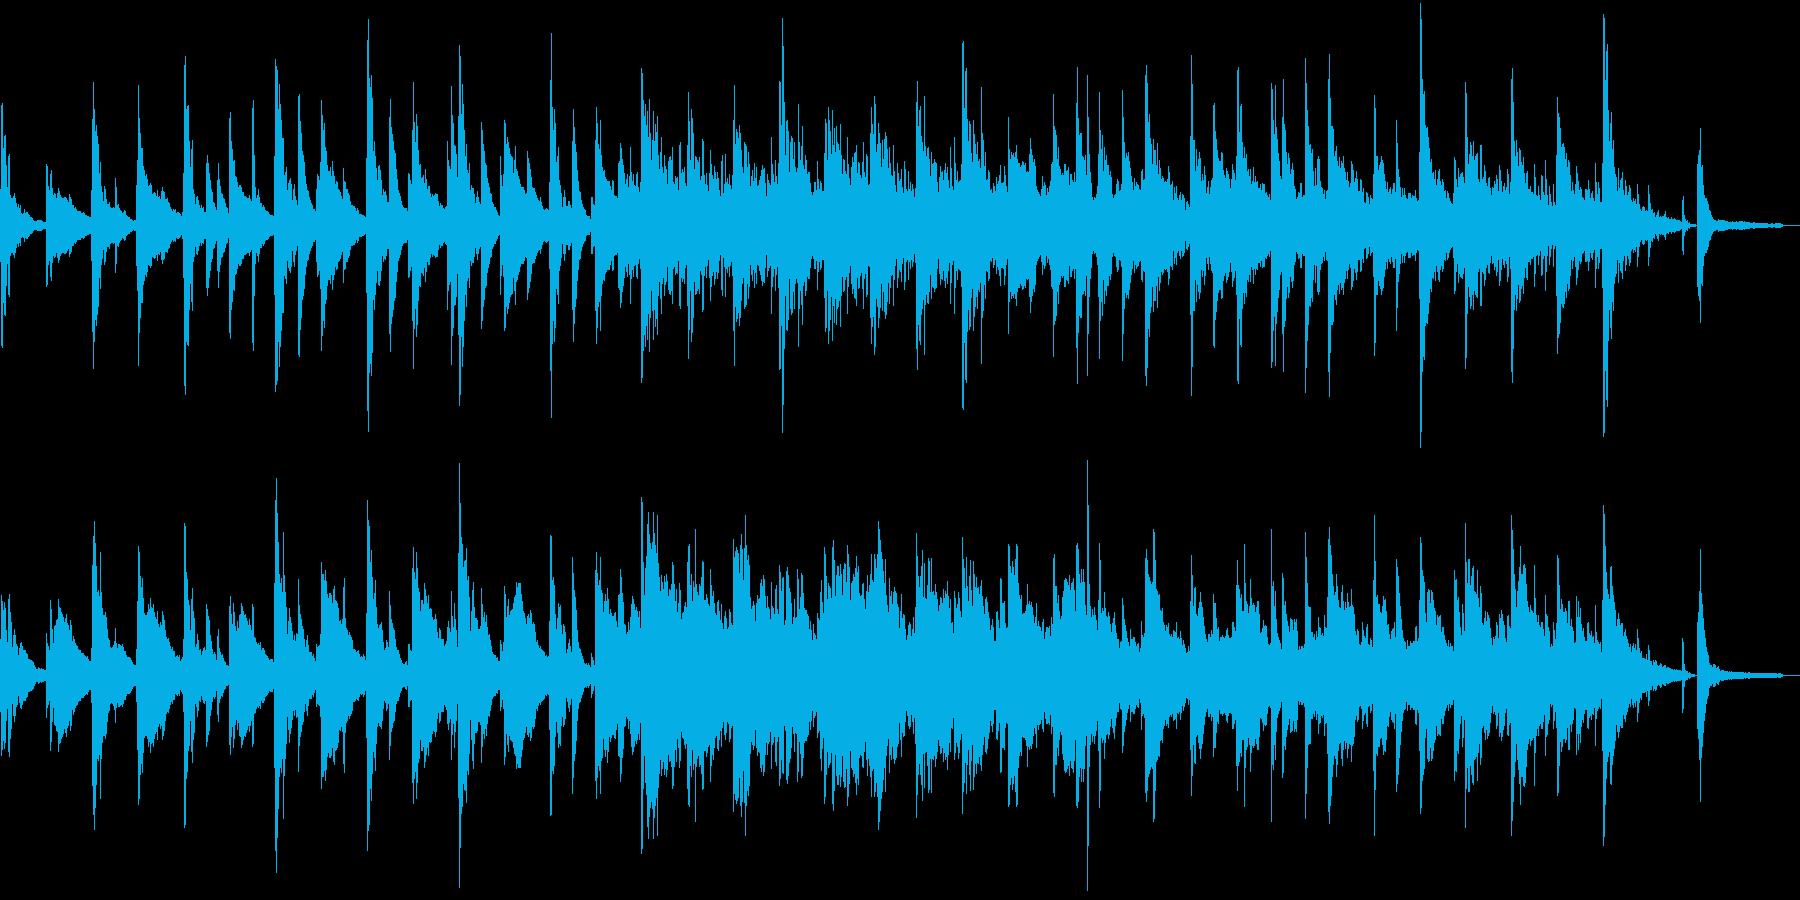 ゆったりした癒しBGMの再生済みの波形